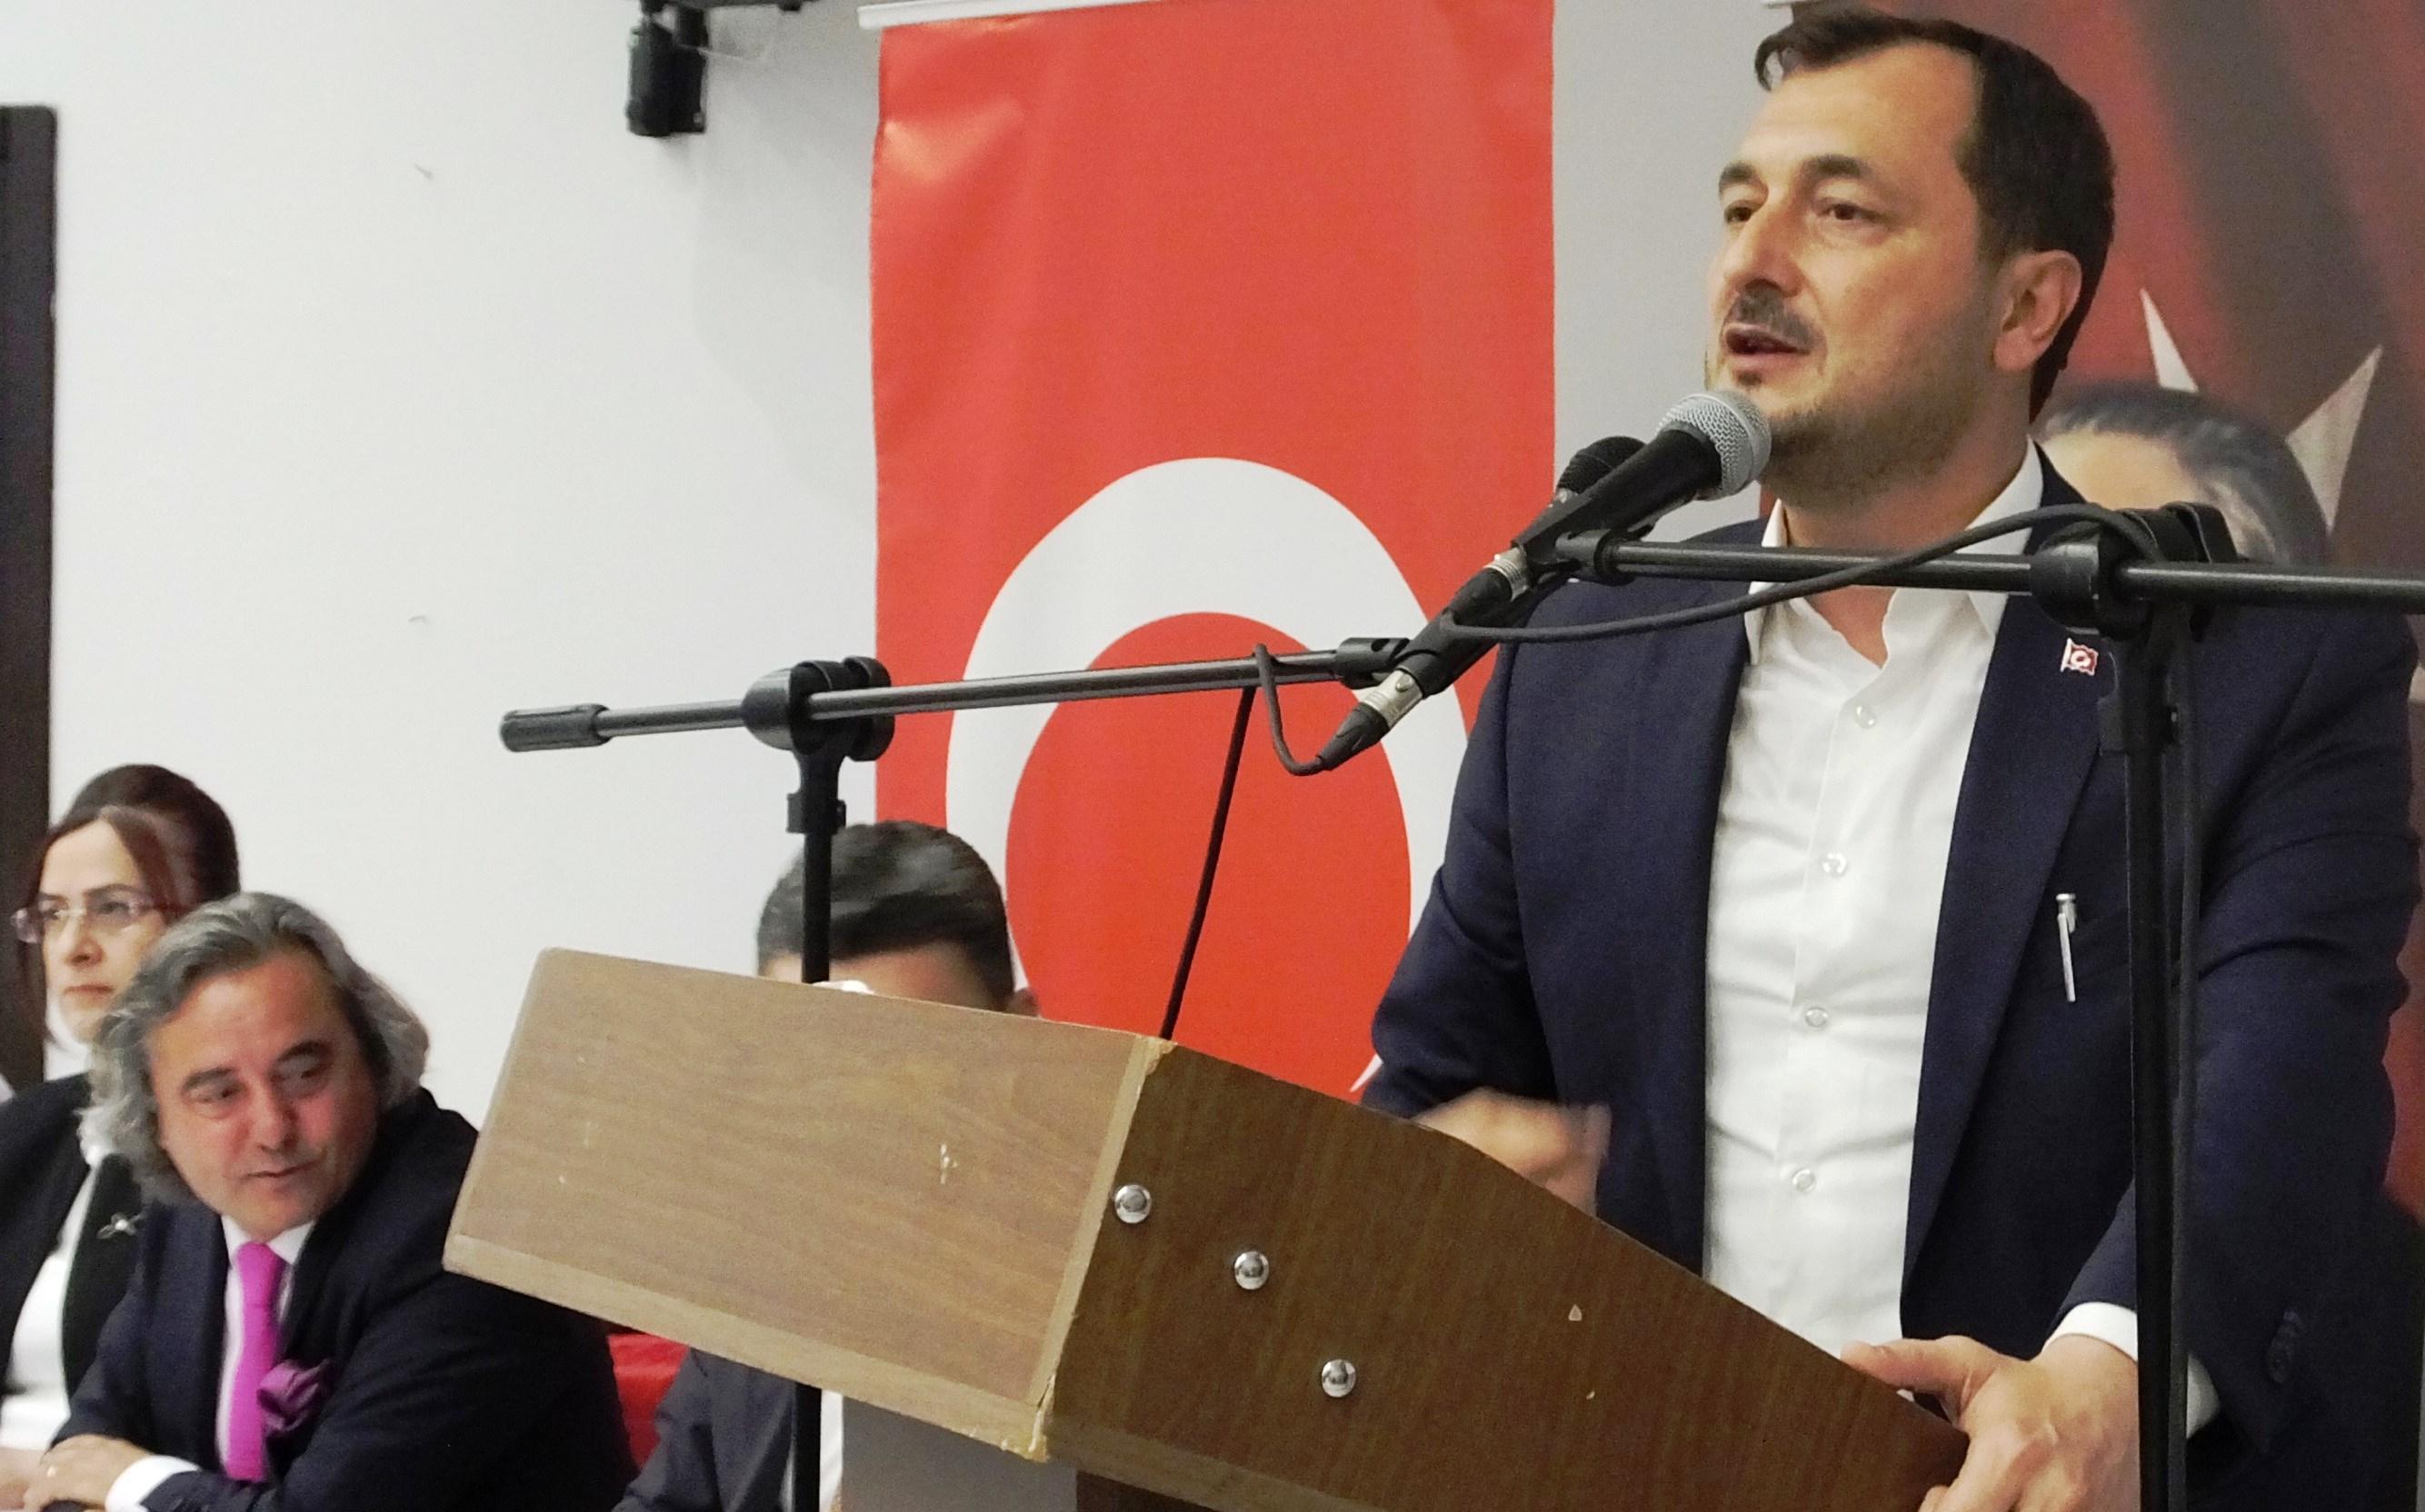 CÜNEYT YÜKSEL ALBAYRAK'A SAVAŞ BALTASINI ÇEKTİ